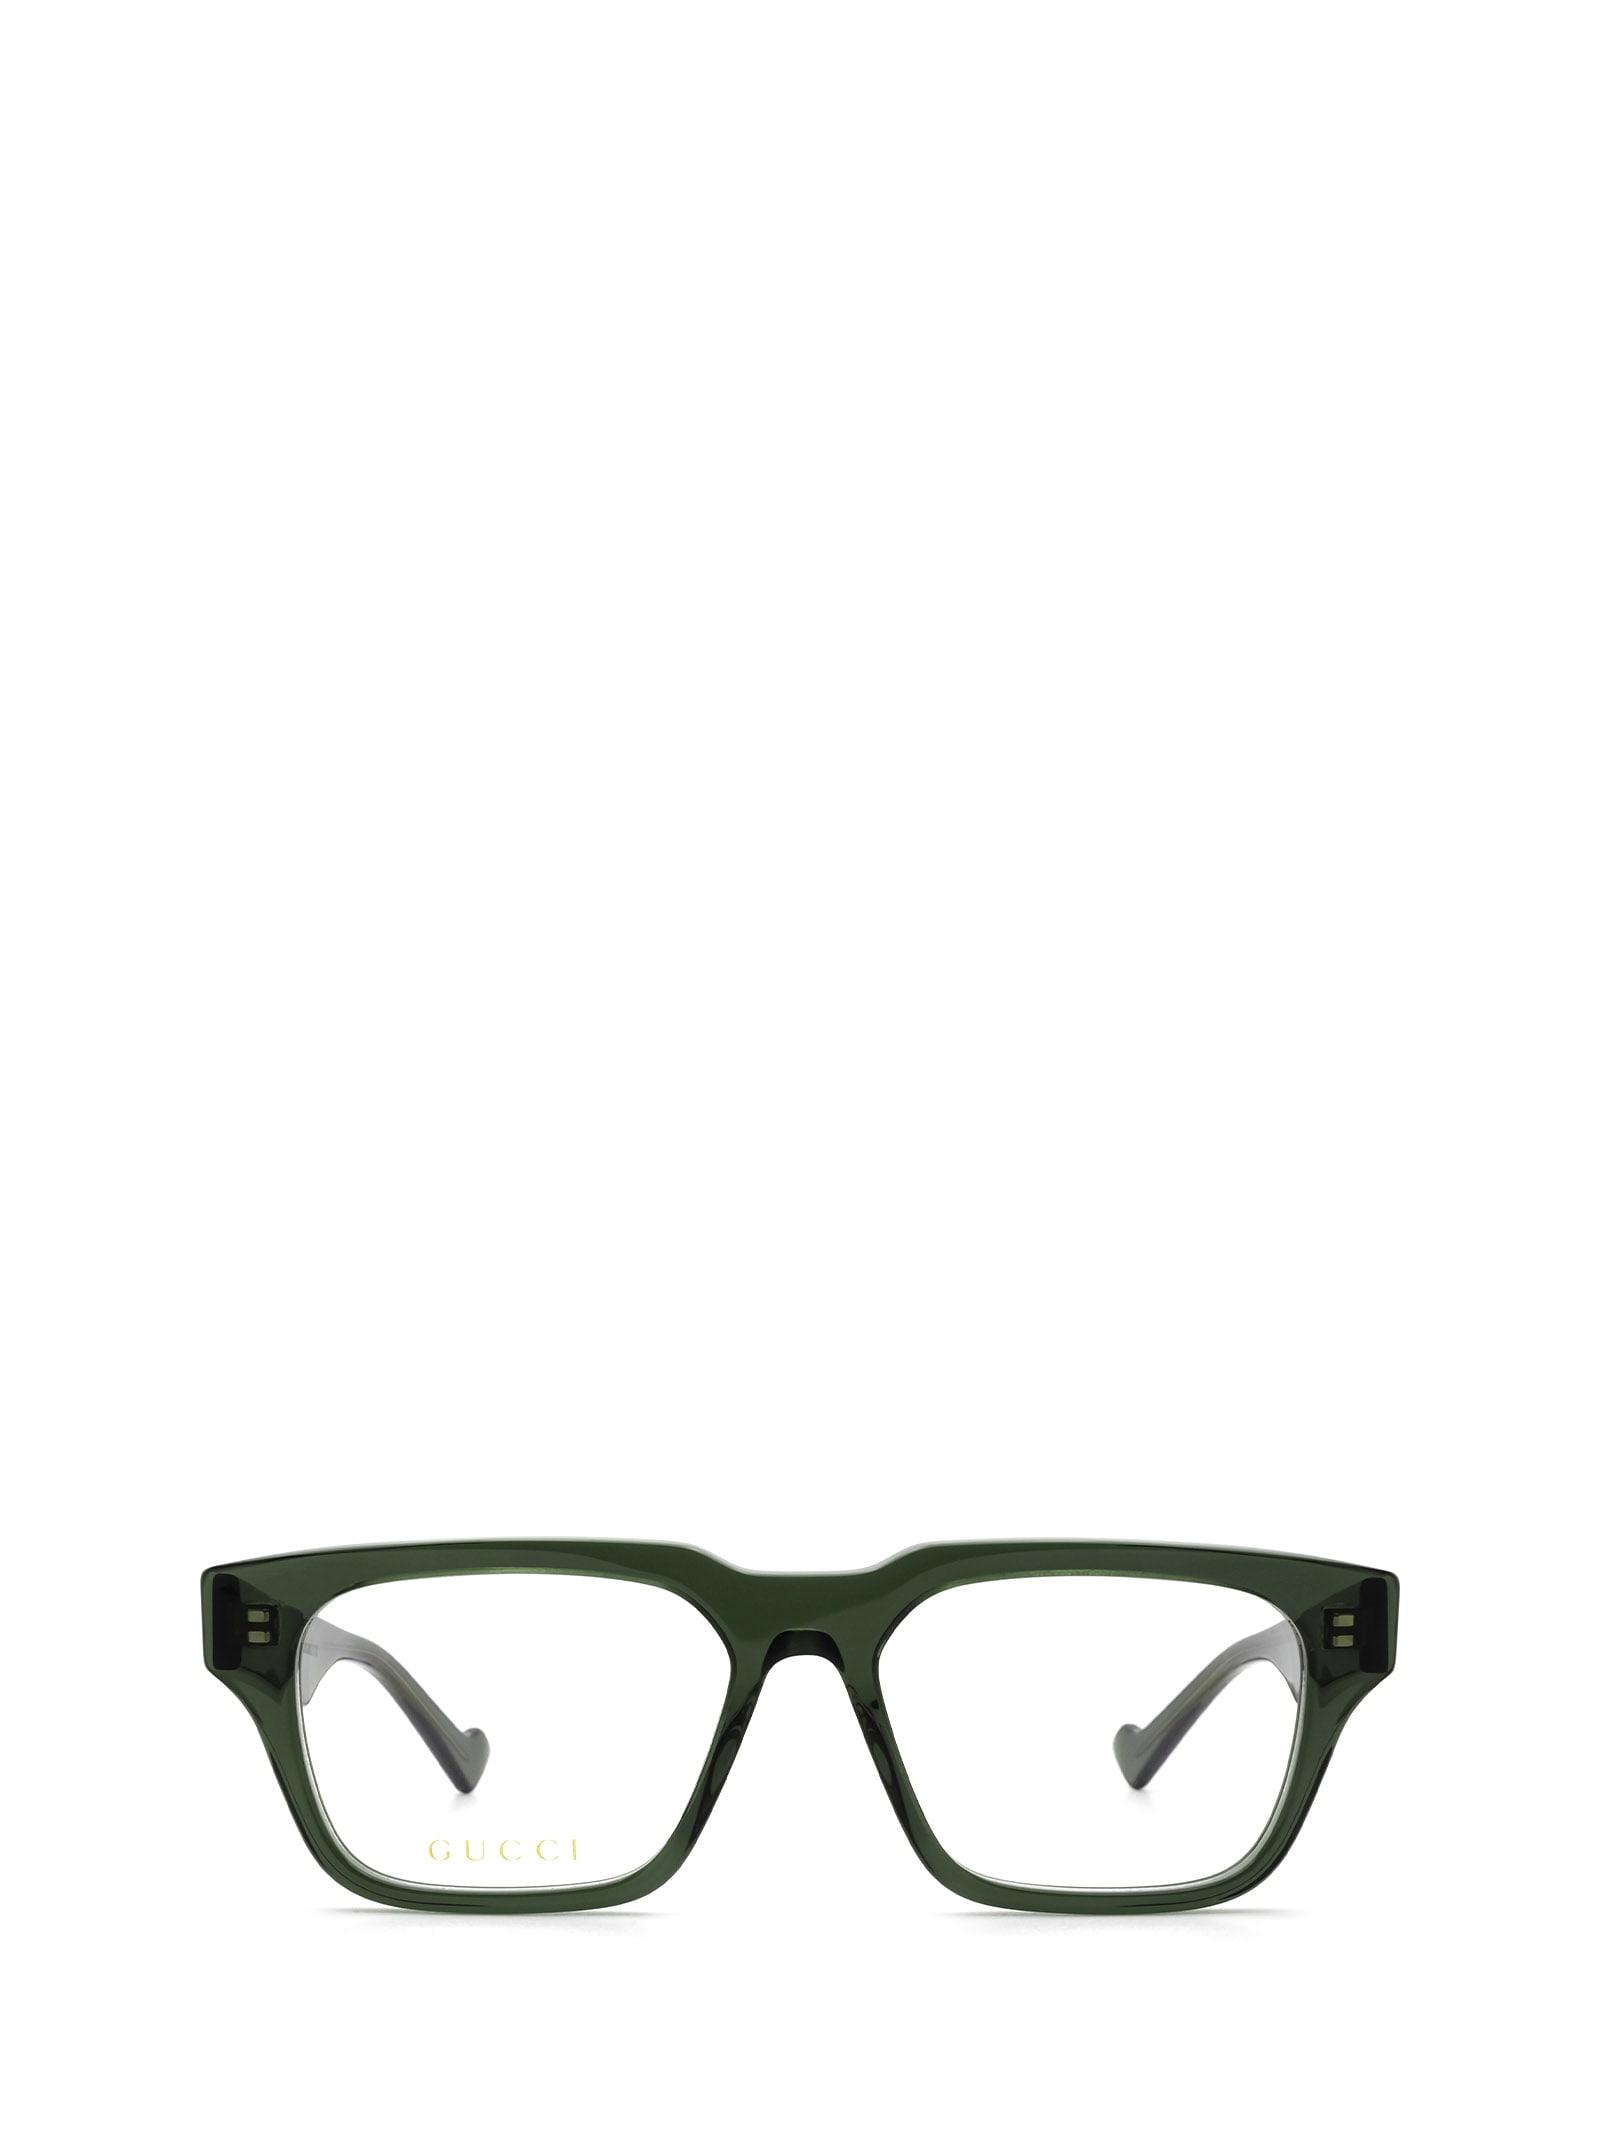 Gucci Gg0963o Green Glasses